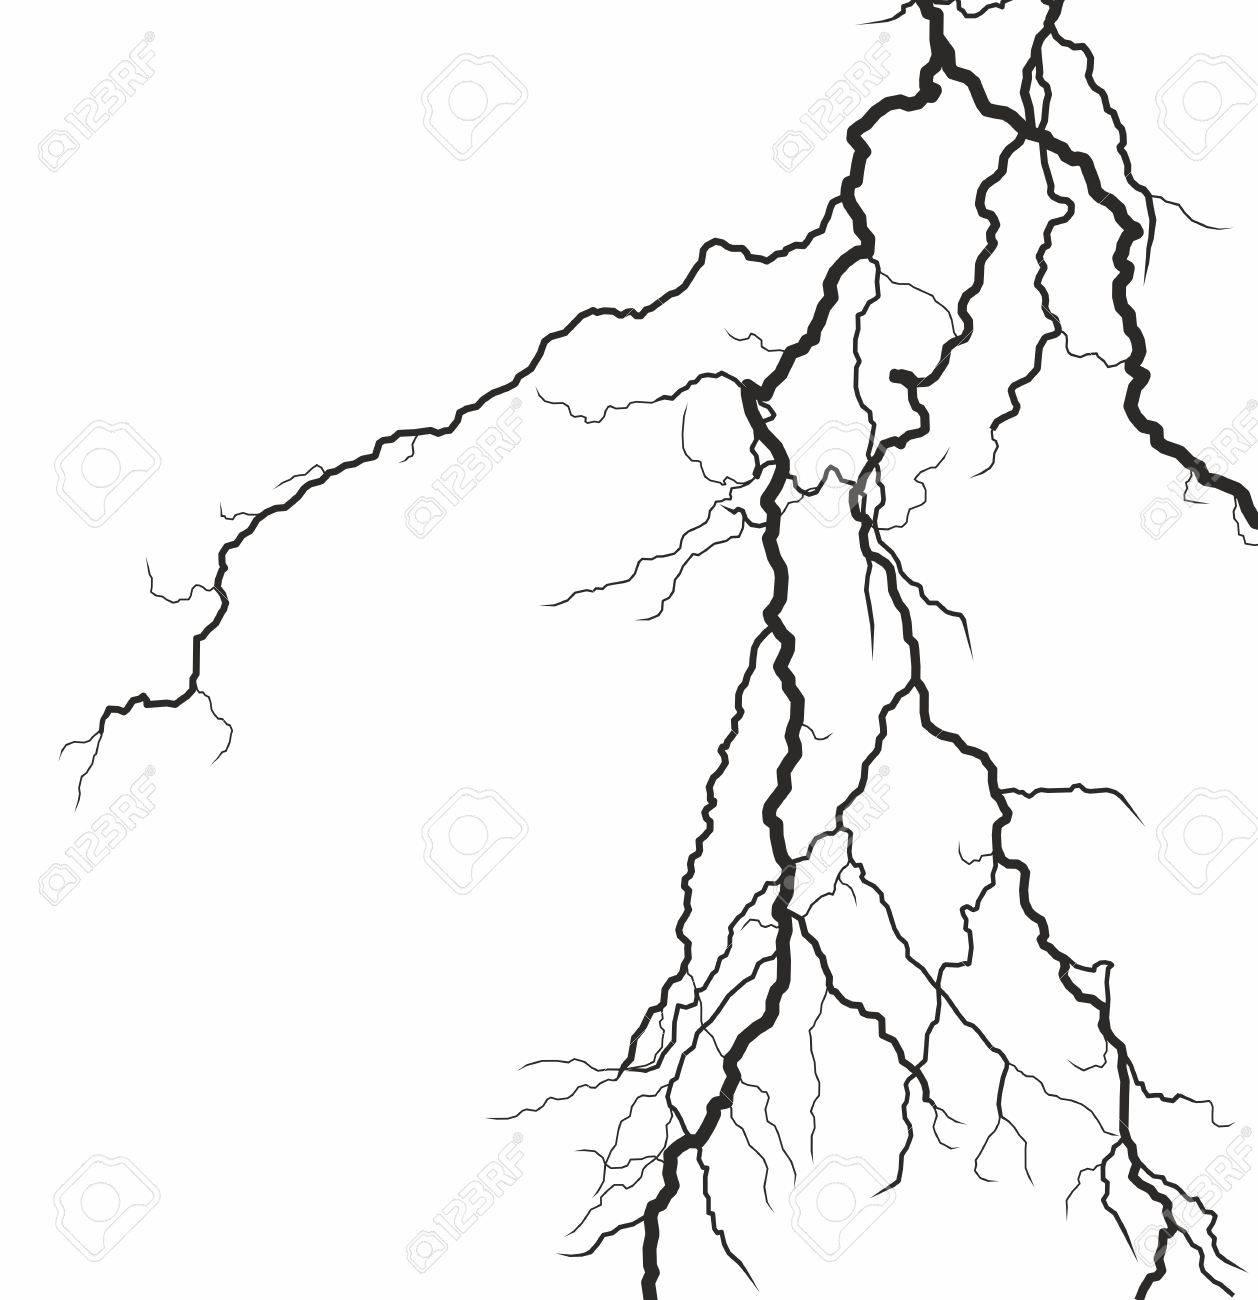 ラピュタの雷のイラスト素材ベクタ Image 54791993